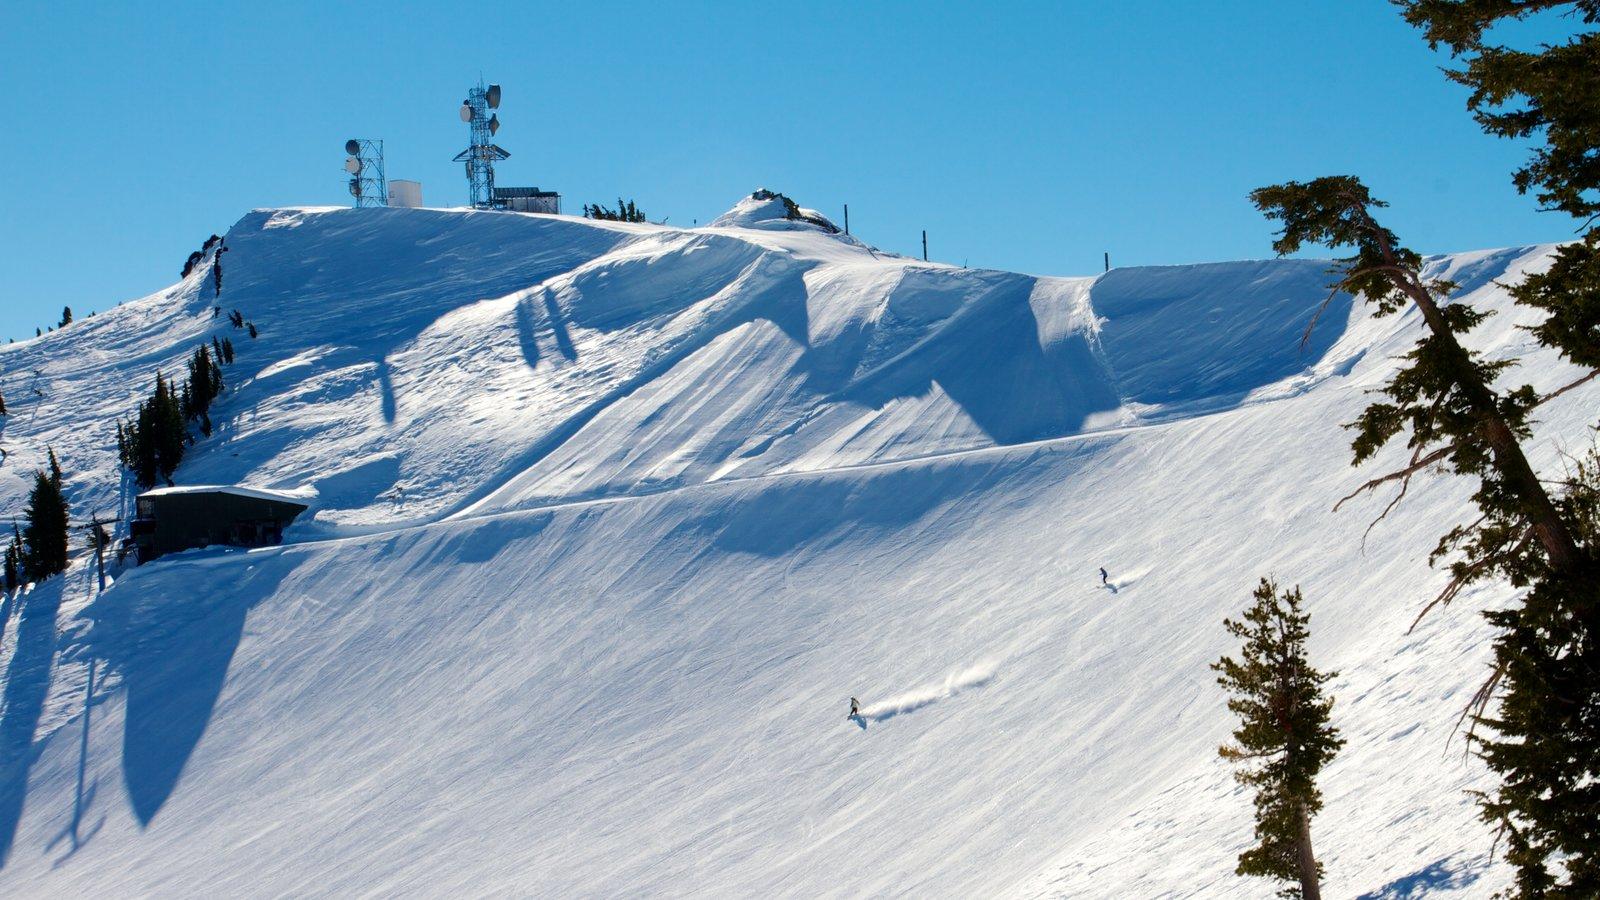 Alpine Meadows Ski Resort mostrando esqui na neve, montanhas e neve